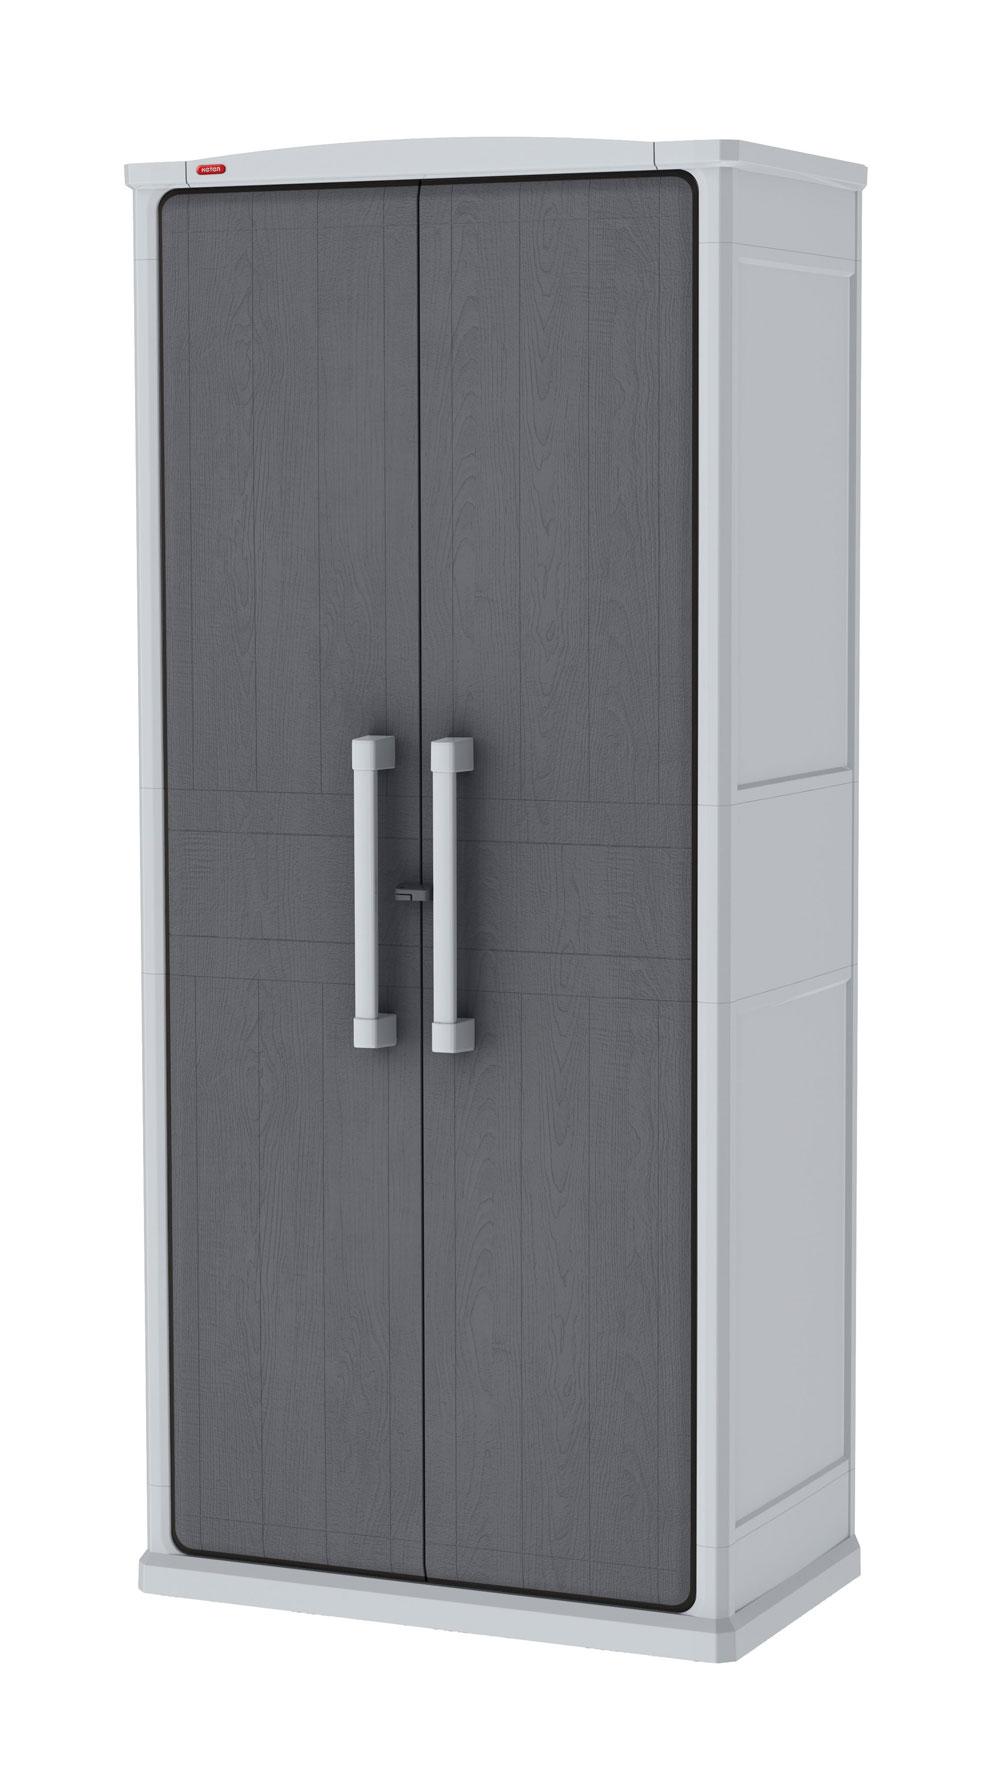 Gartenschrank Keter Optima Wonder Cabinet Tall 80 5x47